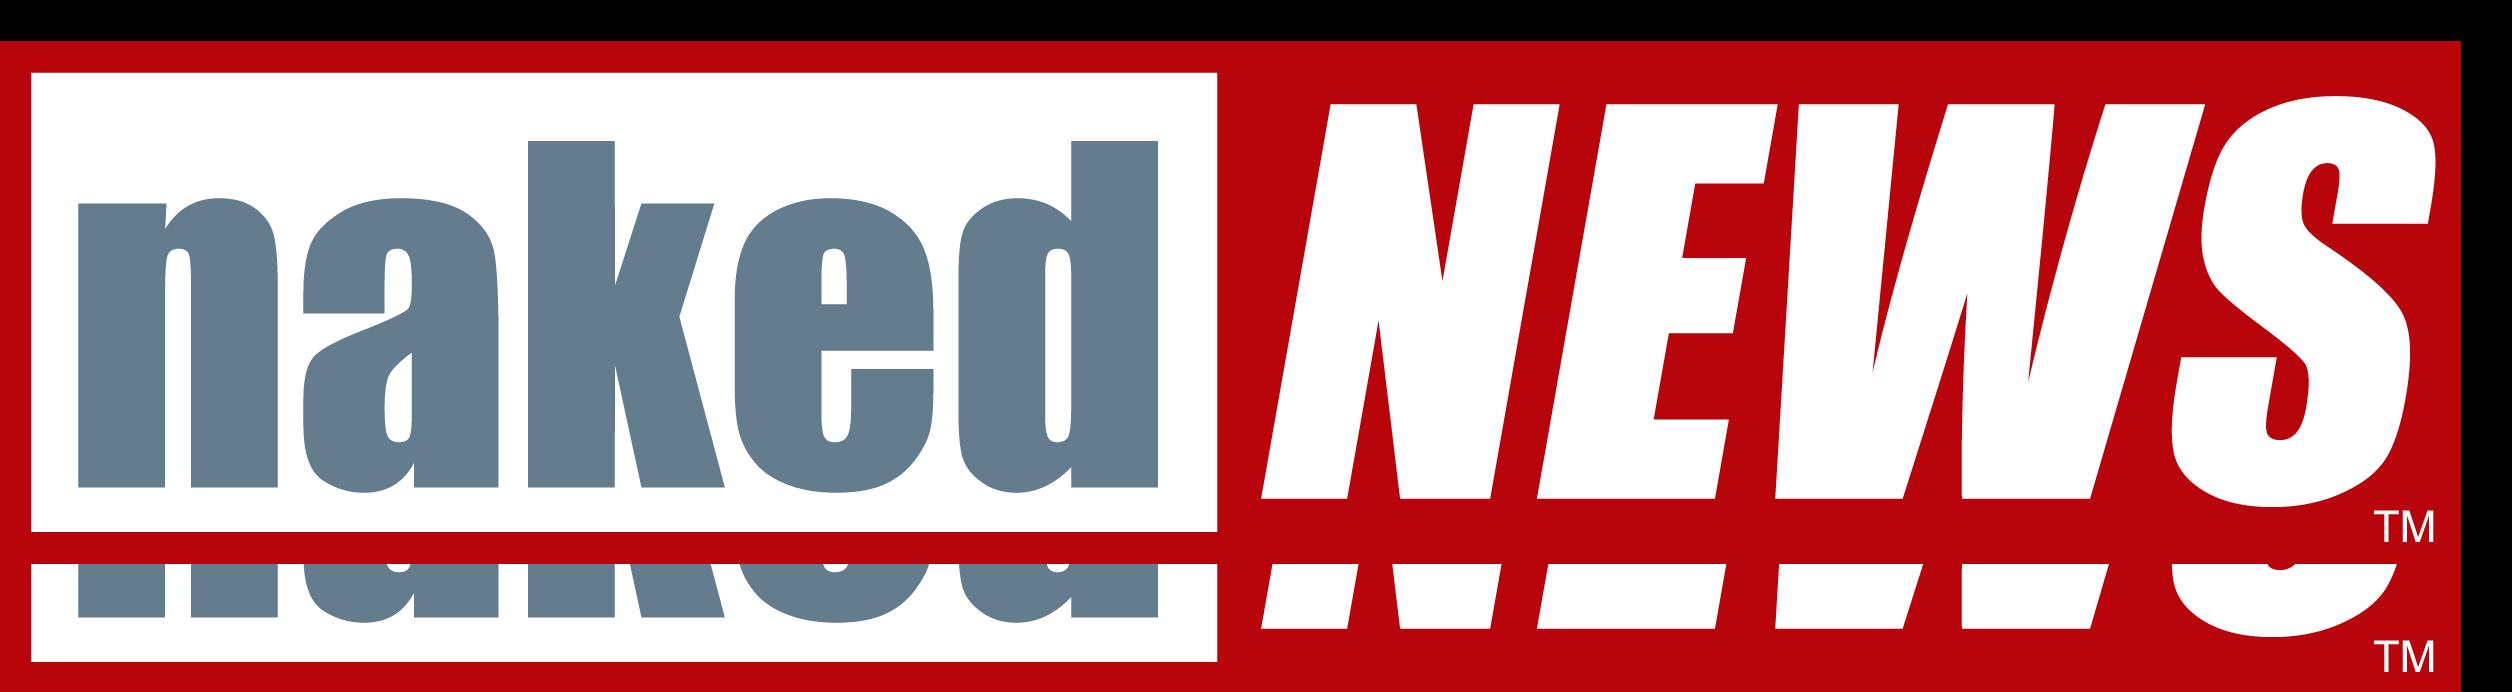 http://nakednewscasting.myblog.it/wp-content/uploads/sites/275515/2013/11/HEADER_BLOG7.png